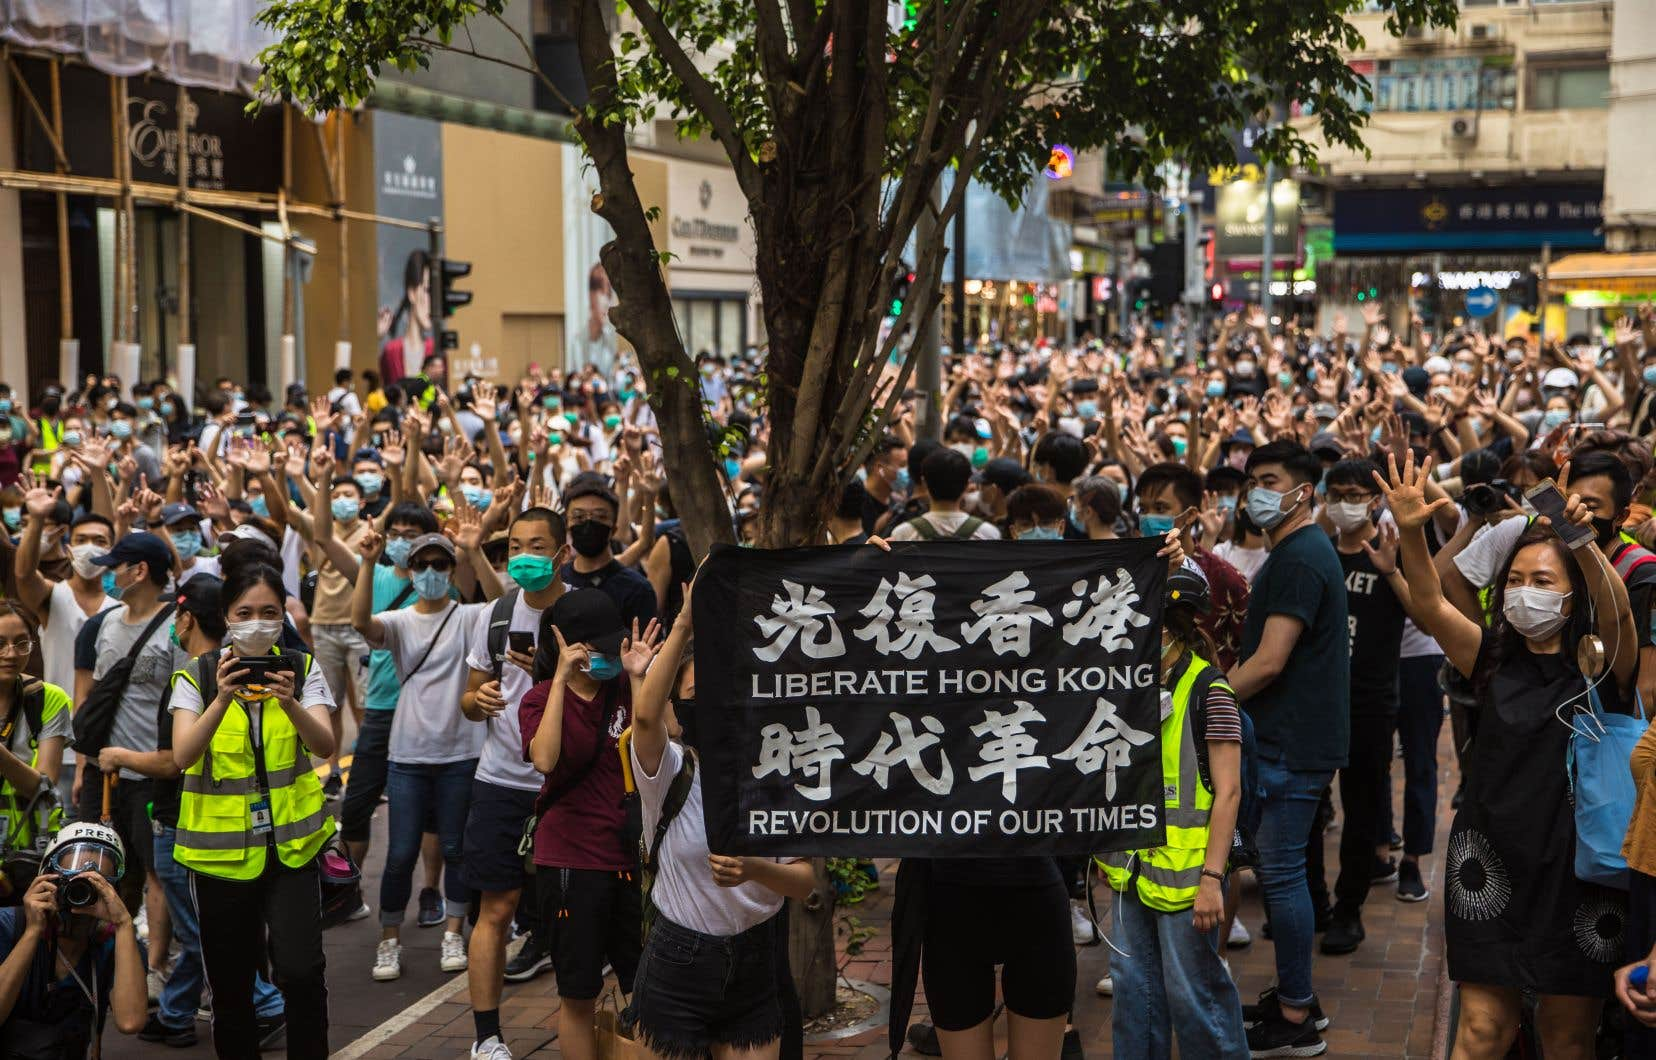 <p>Des milliers de Hongkongais se sont rassemblés pour marquer le 23e anniversaire de la rétrocession de l'ex-colonie britannique à la Chine.</p>